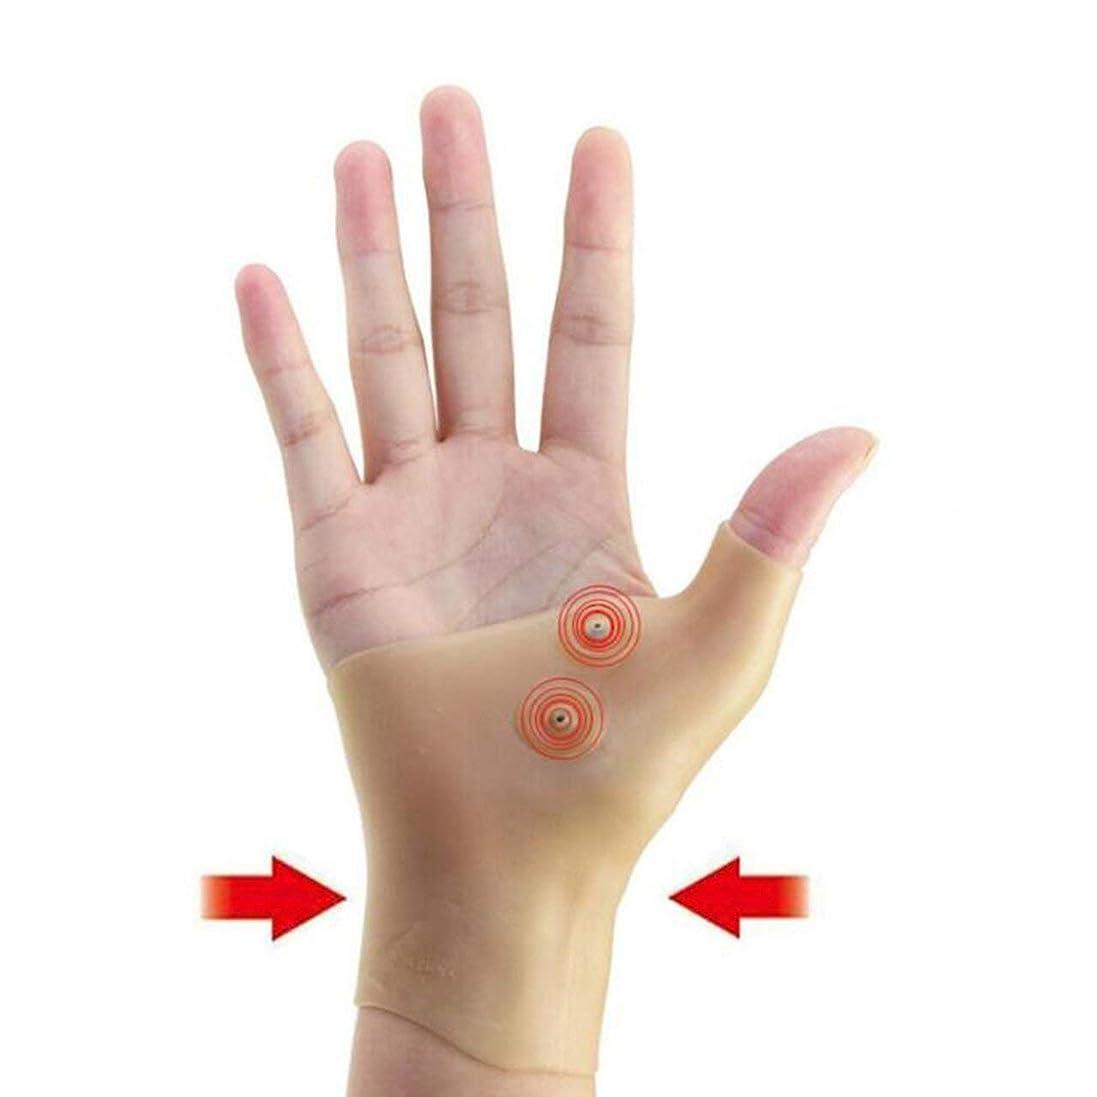 リラックスした多年生生物学友美 磁気療法の手首の親指サポート手袋のシリコーンのゲルのマッサージの苦痛救助